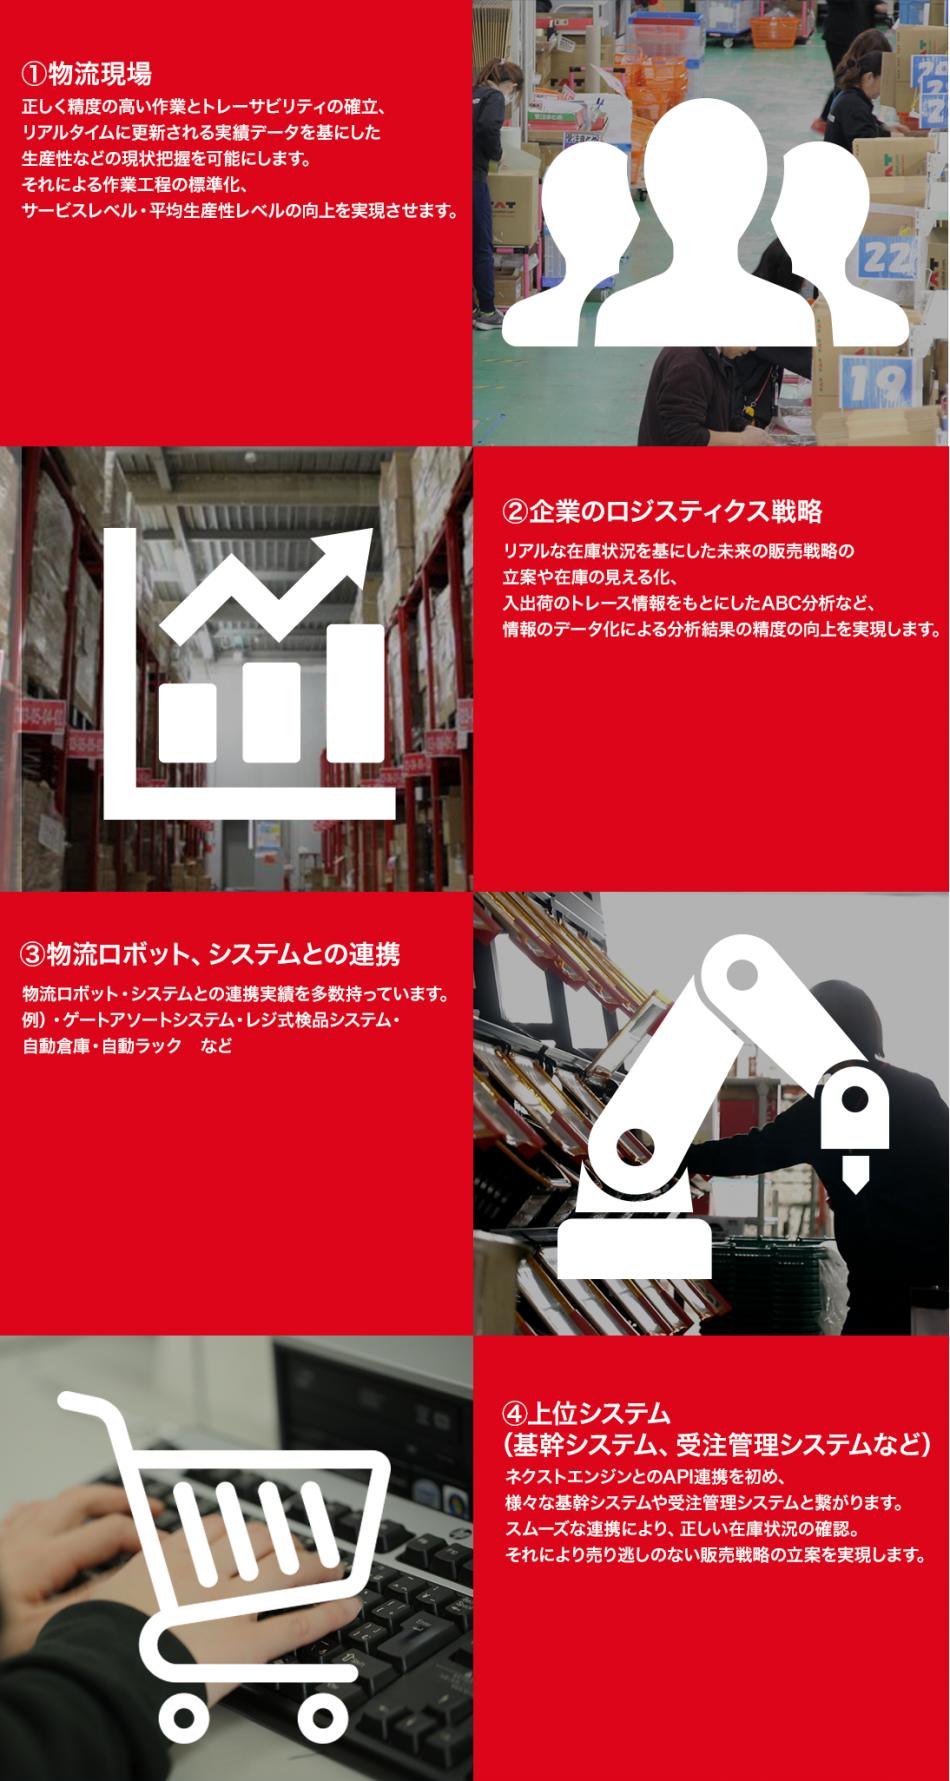 倉庫管理システム「クラウドトーマス」製品詳細2